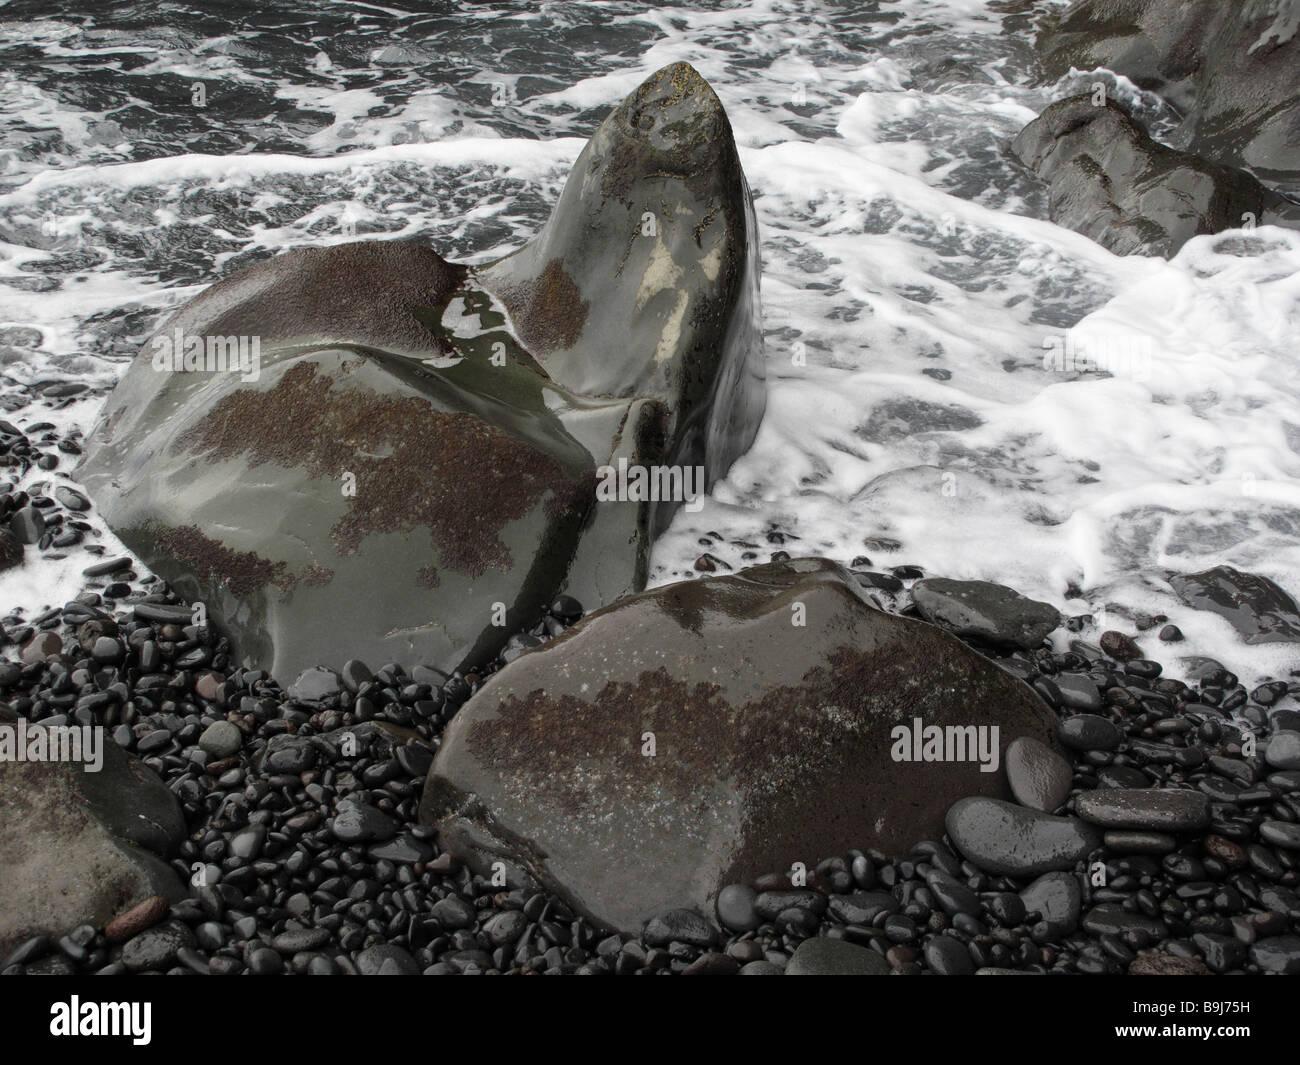 Felsformation, Playa del Medio in der Nähe von Playa Santiago, La Gomera, Kanarische Inseln, Spanien, Europa Stockbild